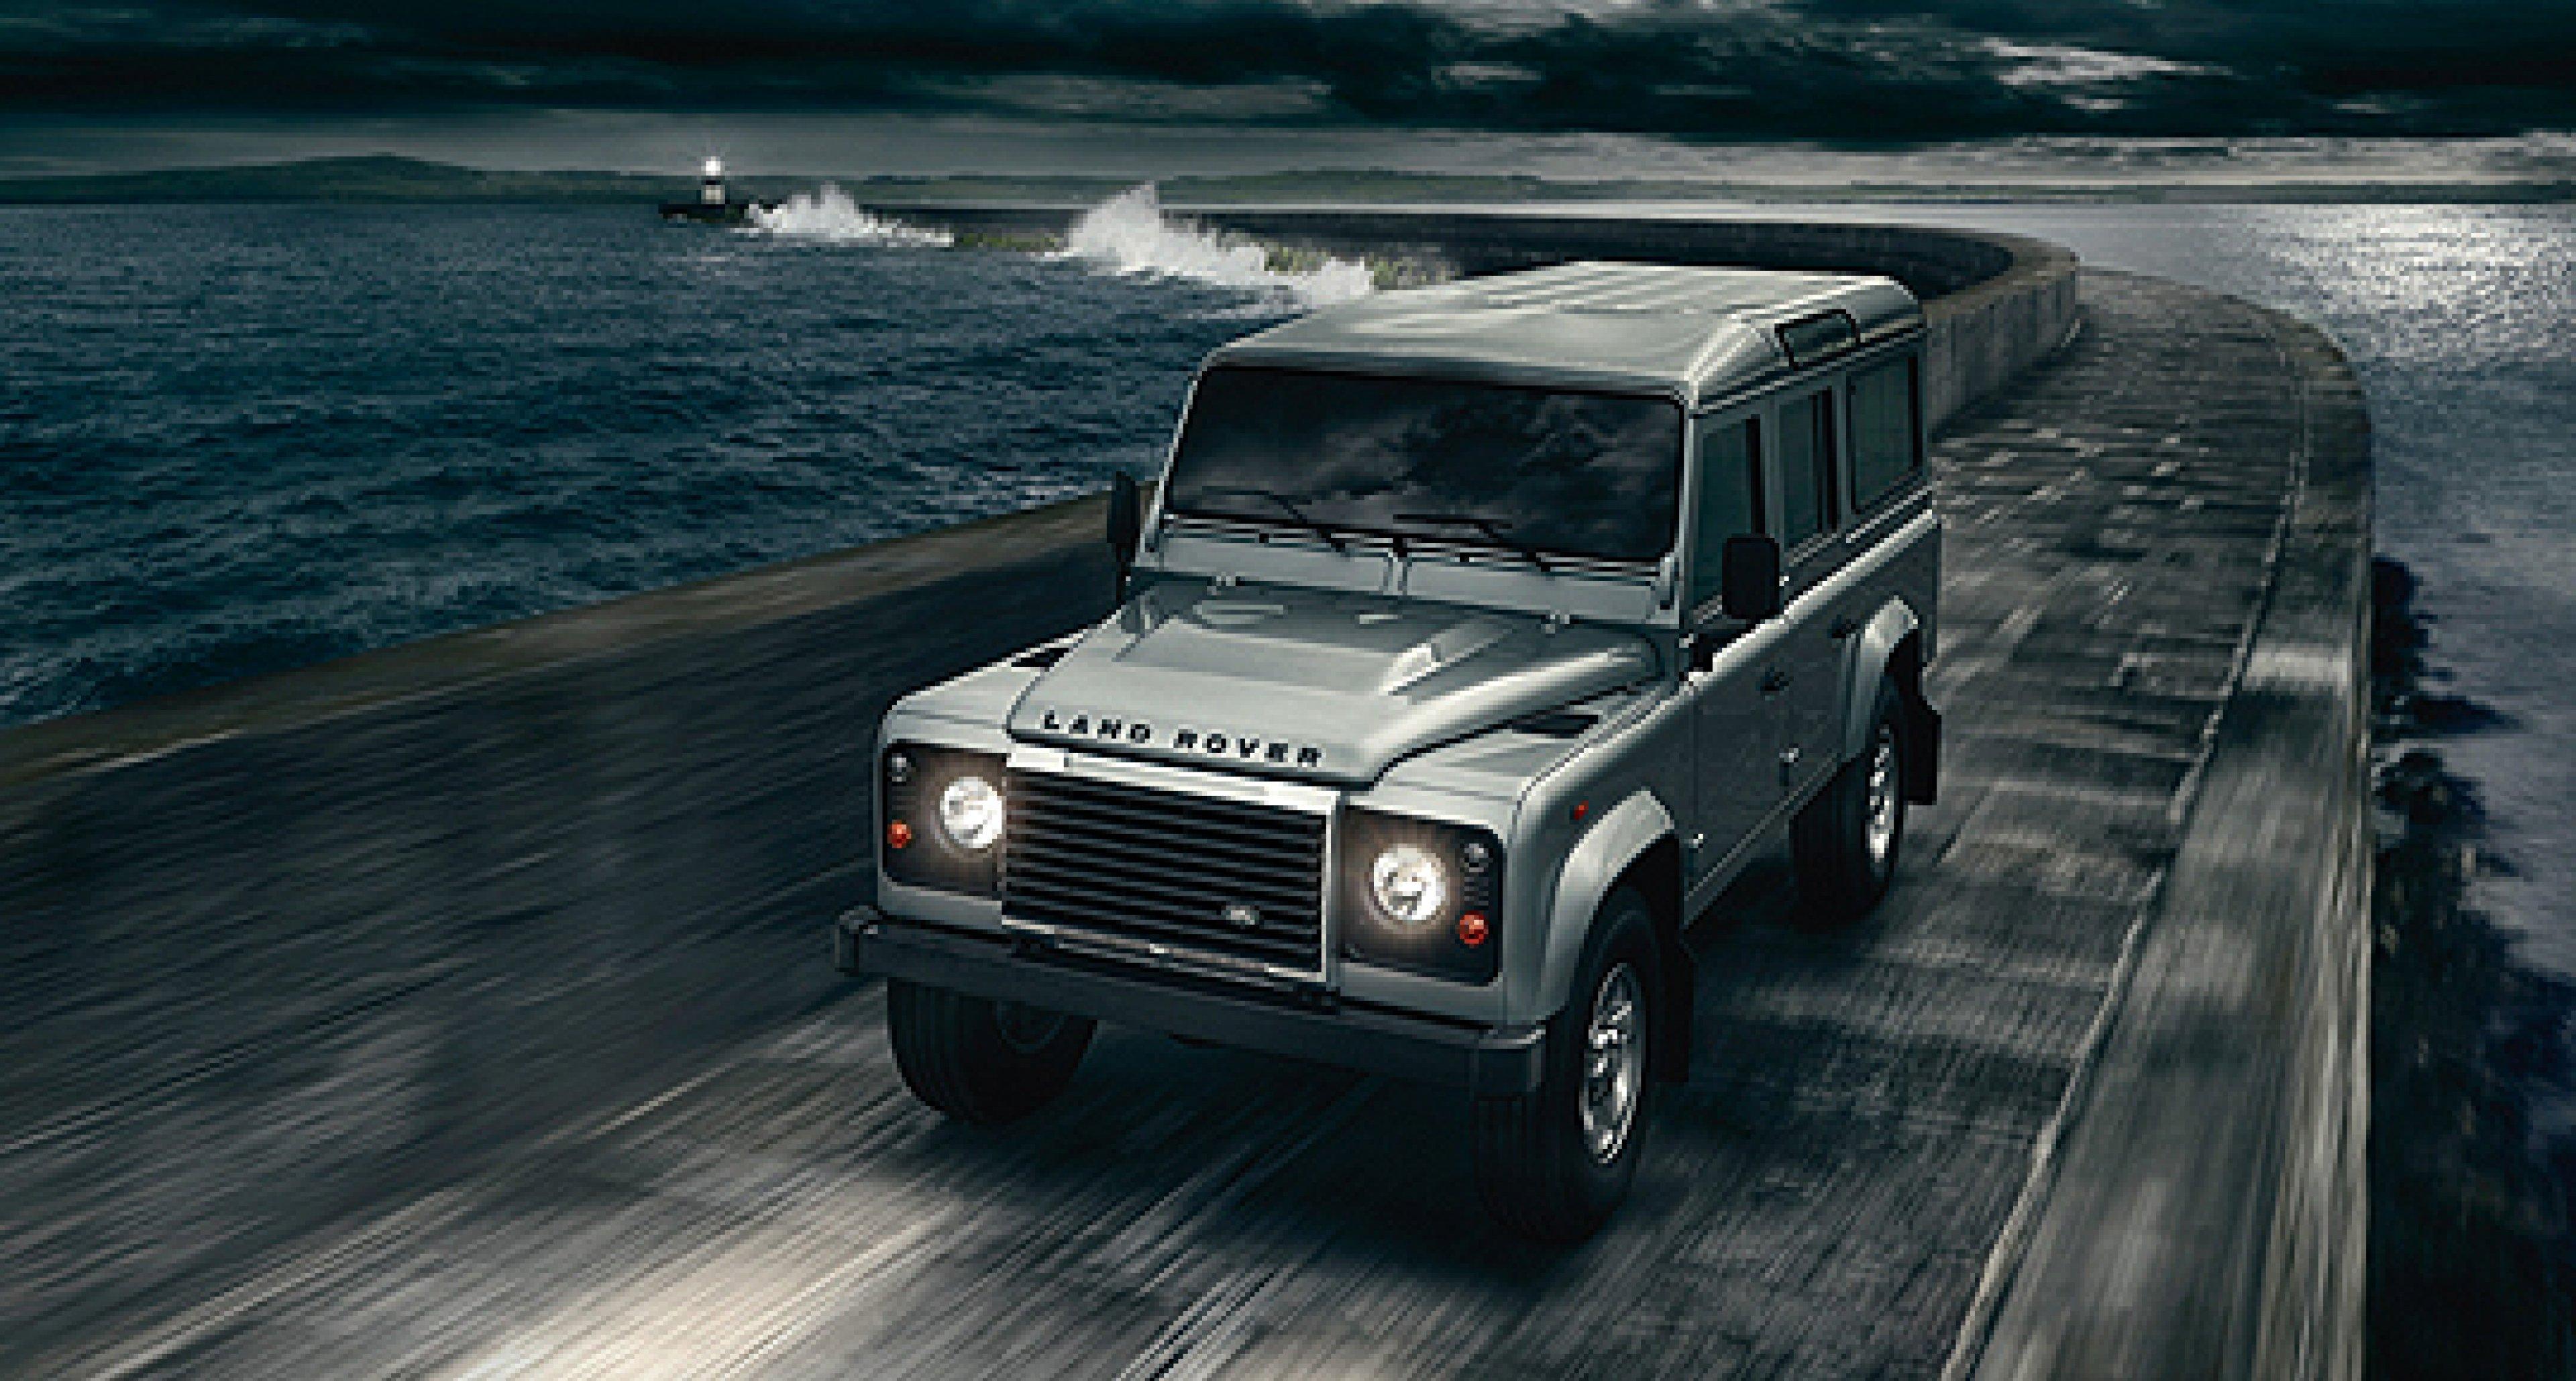 Land Rover Defender given upgraded diesel engine